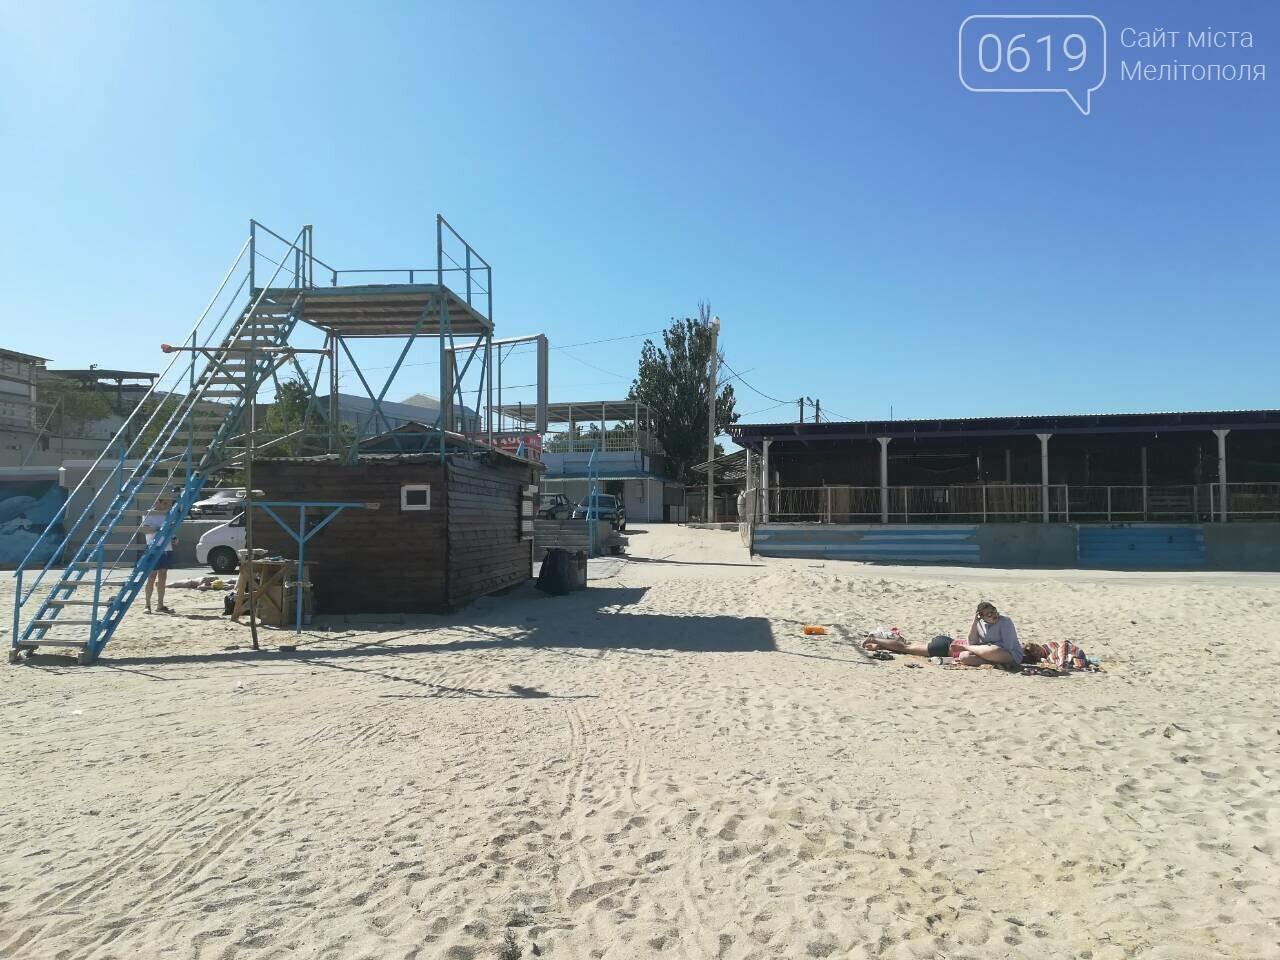 Несмотря на затопление, Кирилловка готовится к курортному сезону , фото-7, Фото сайта 0619